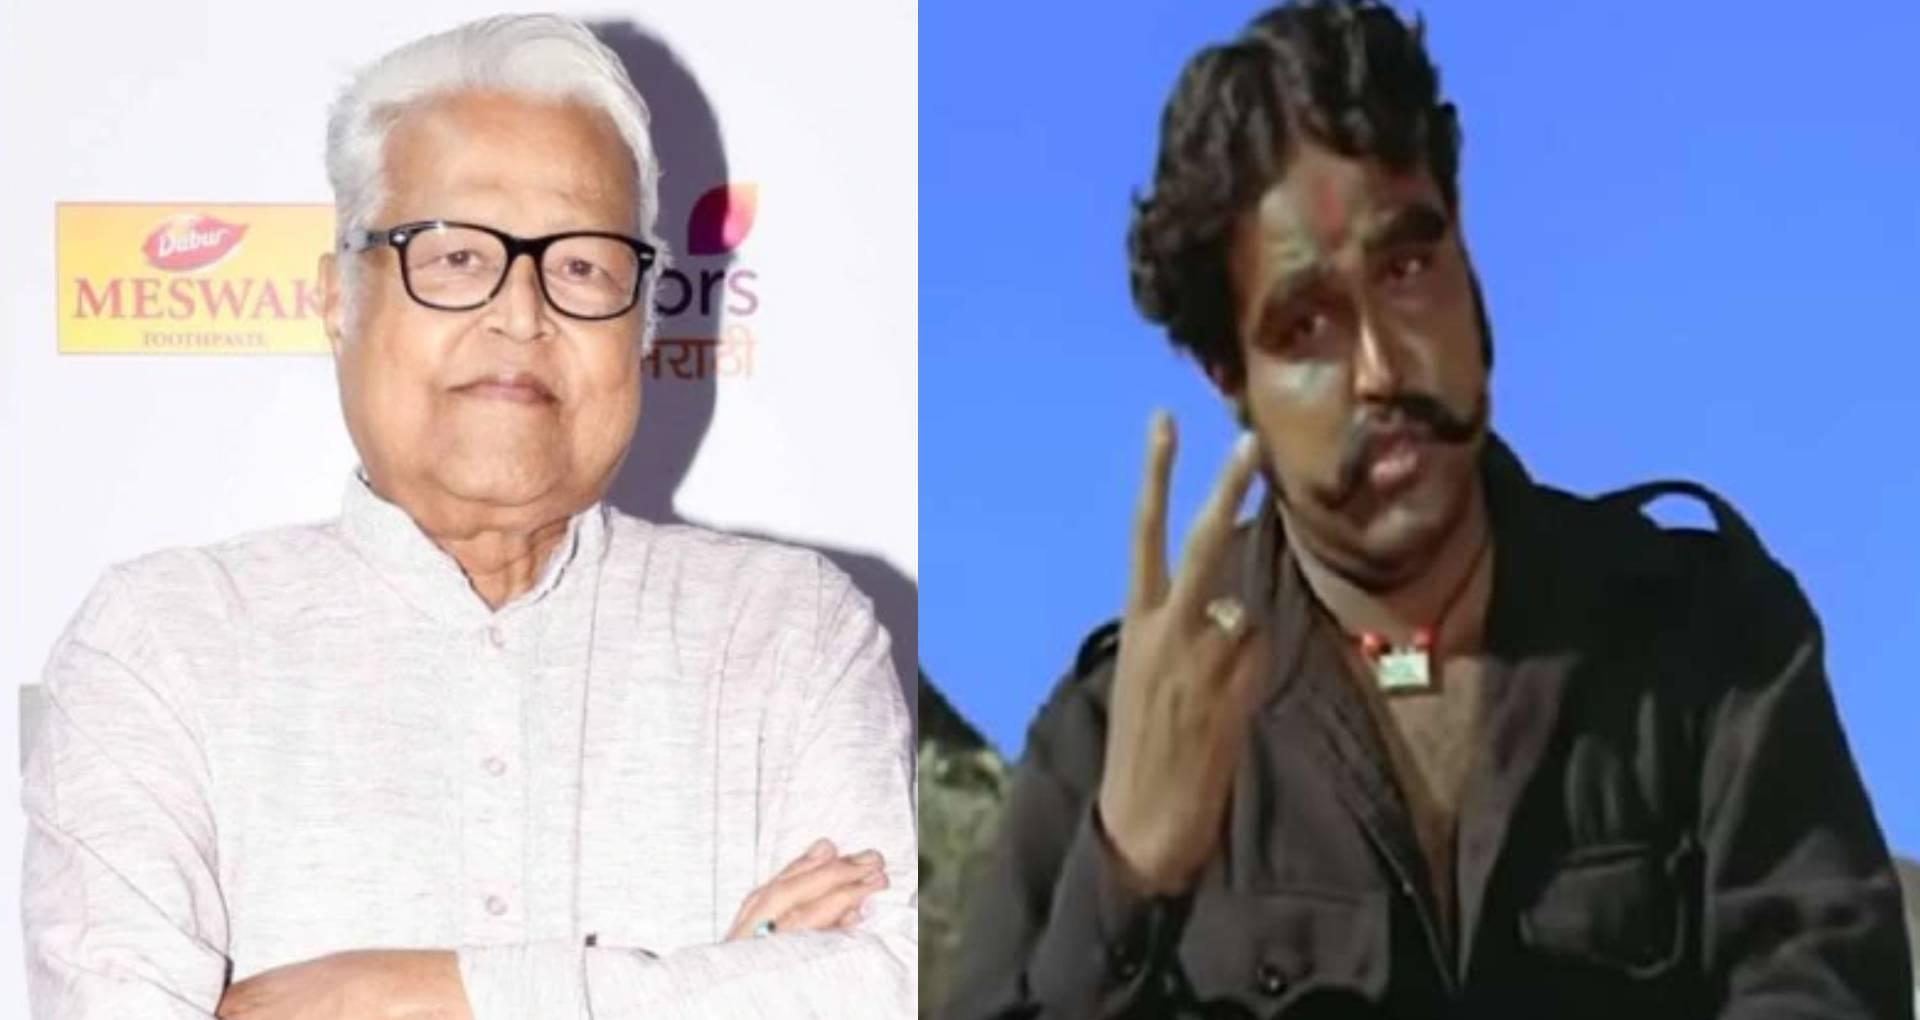 बॉलीवुड के दिग्गज एक्टर विजु खोटे का निधन, फिल्म शोले और अंदाज अपना अपना के इस किरदार ने बनाया था मशहूर